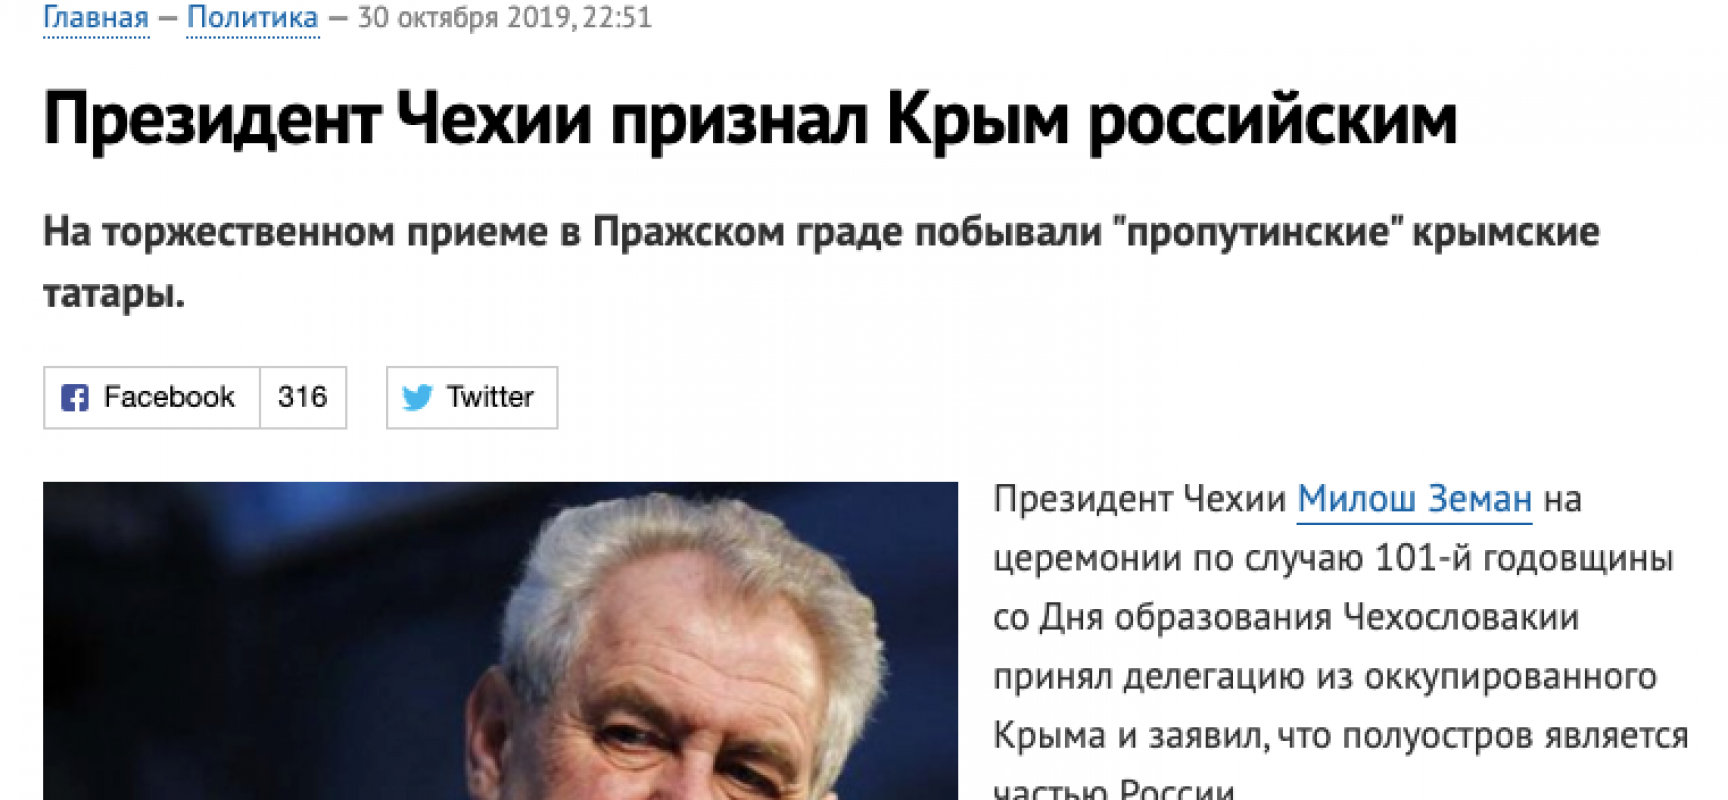 Фейк: Президент Чехии признал Крым частью России